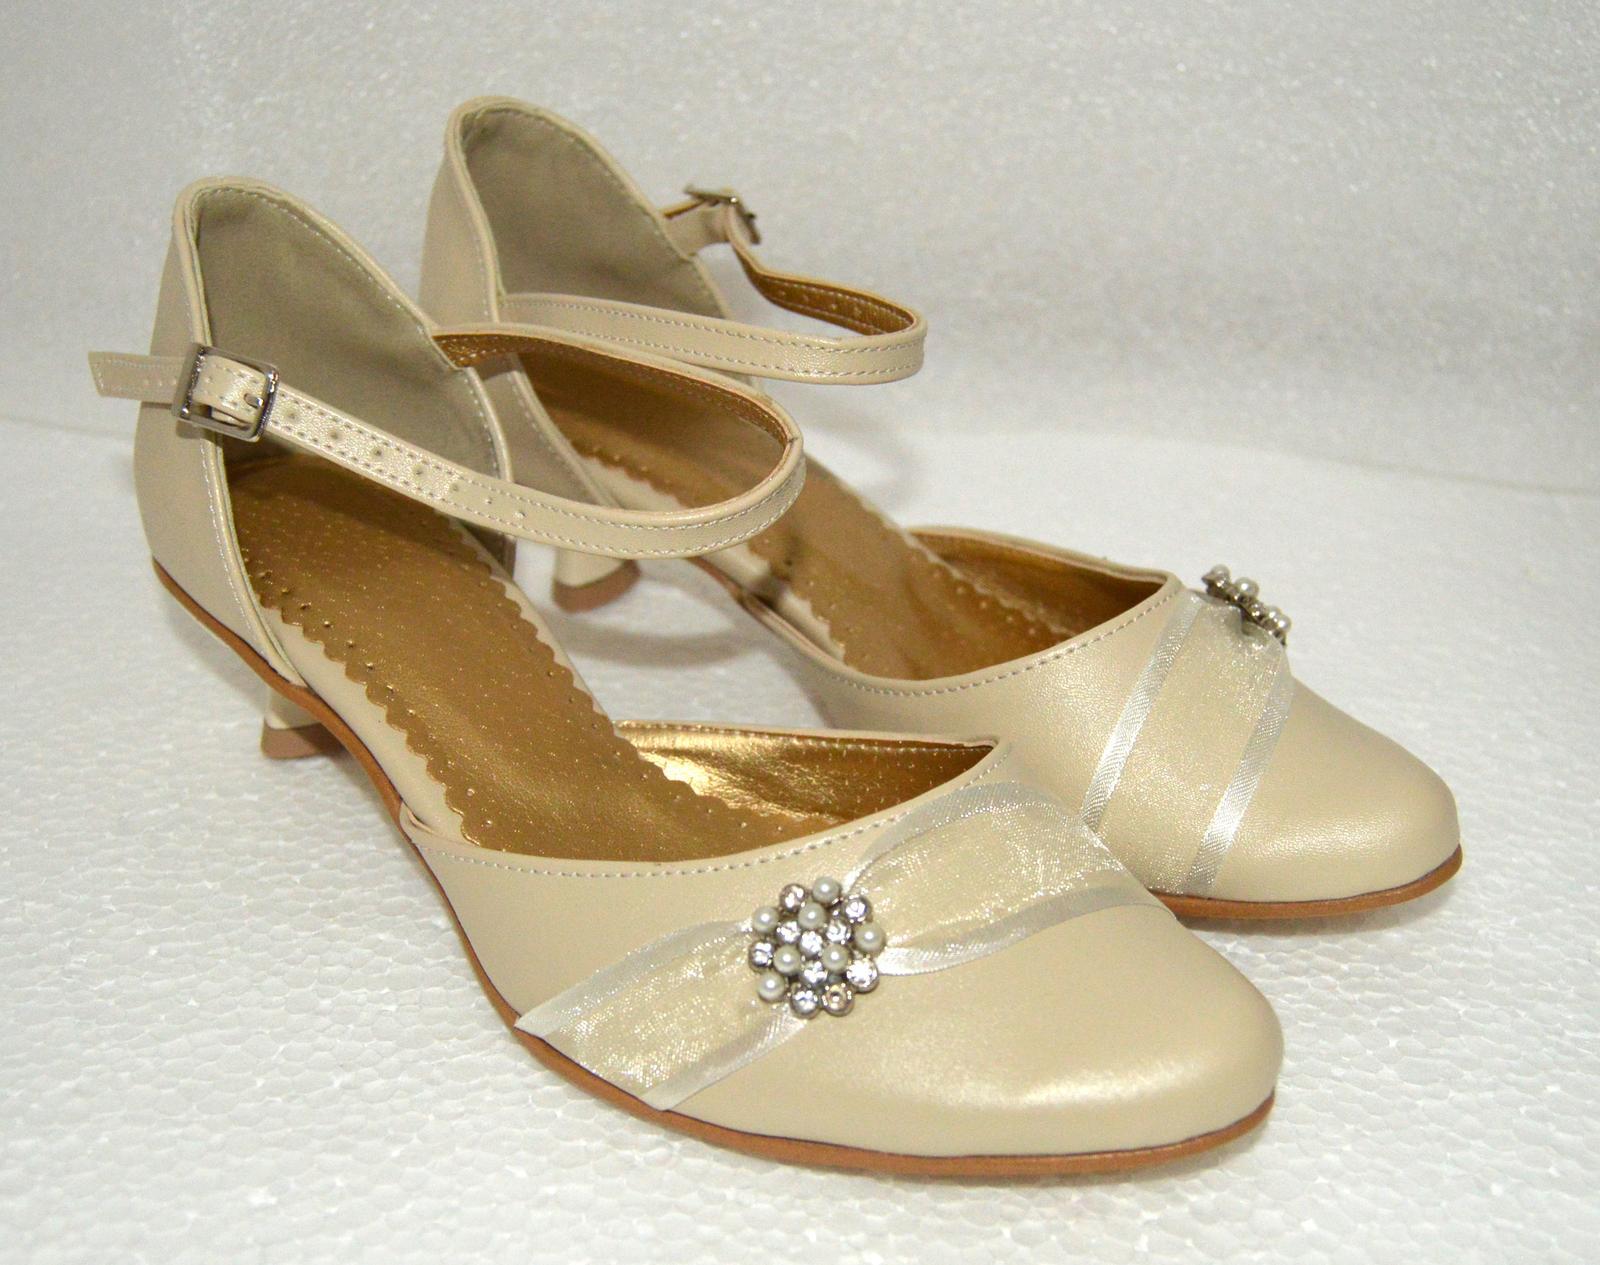 Svadobné topánky, inšpirácie z Vašich návrhov, farby biela, ivory, šampaň. - Svadobné topánky krémová eko koža opatok 3 cm, úpravy podľa želania klientky